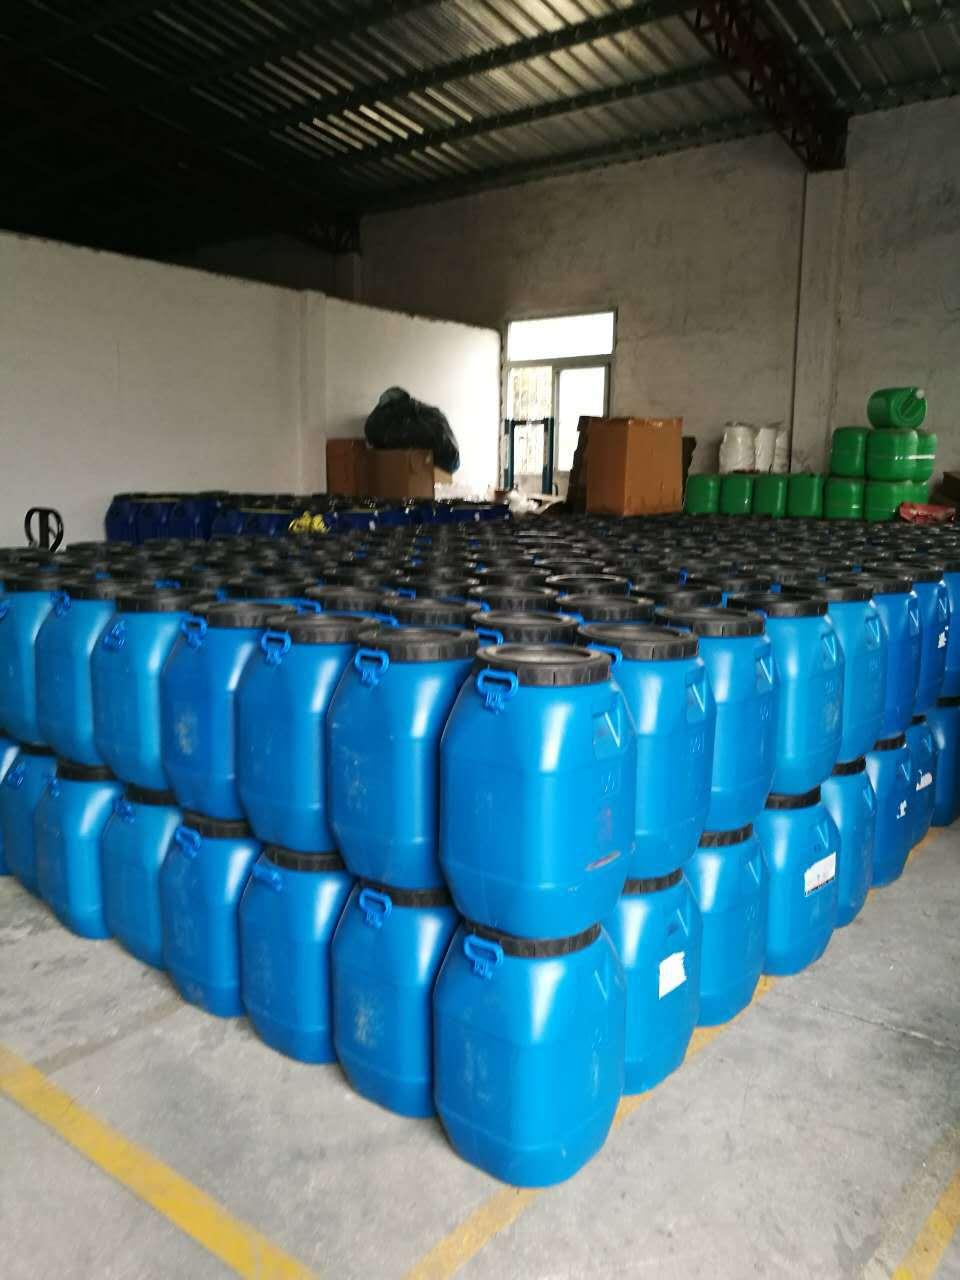 厂家生产供应厂家直销亚么尼亚胶 高品质亚么尼亚胶批发 321PP纸盒用胶水 纸盒用胶水供应商 高品质亚么尼亚胶价格 32